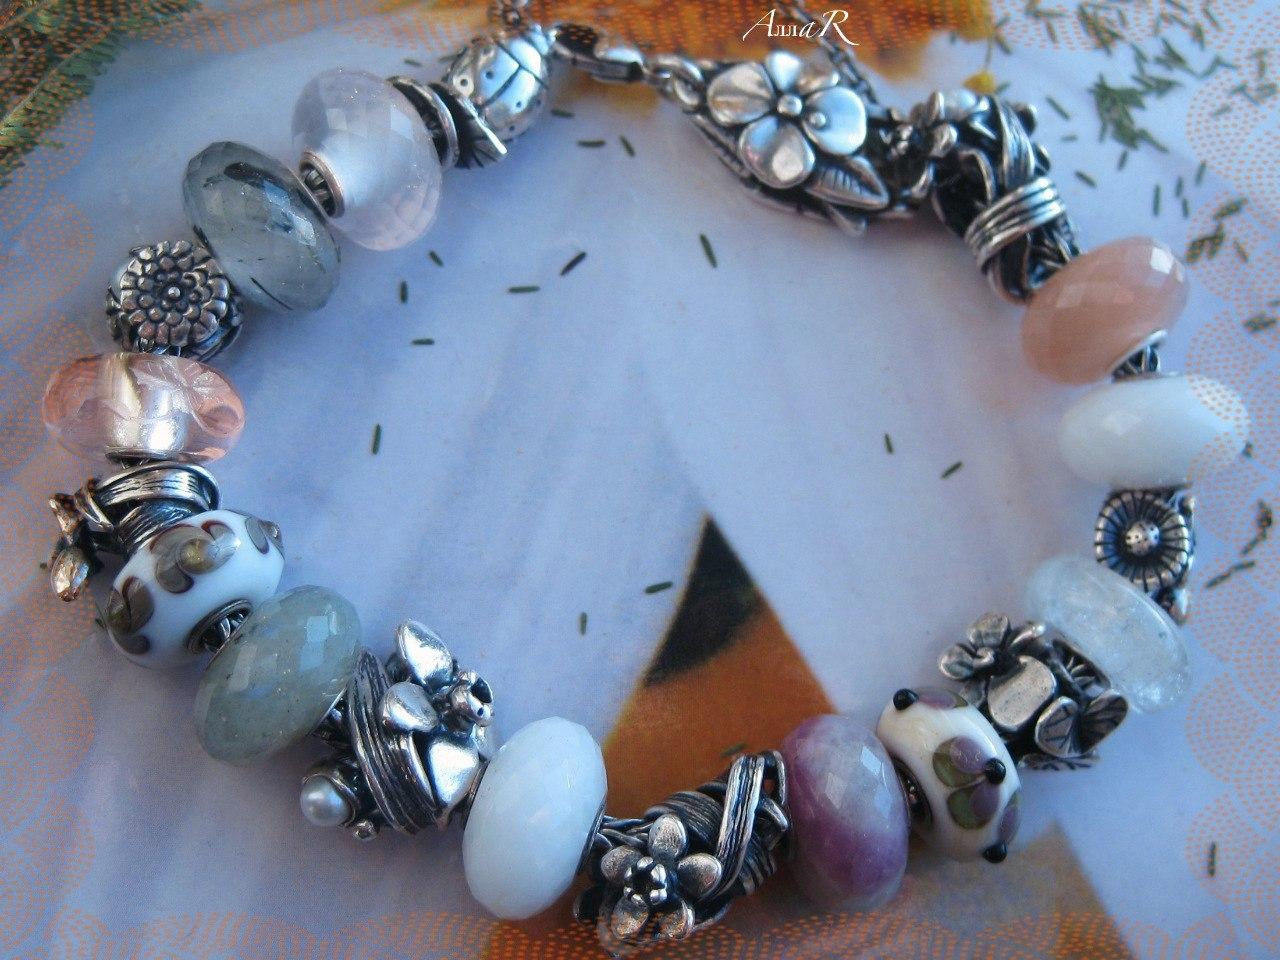 Trollbeads - известный бренд, прародитель Pandora №38 - Страница 4 VYr_6Ec3Y_s